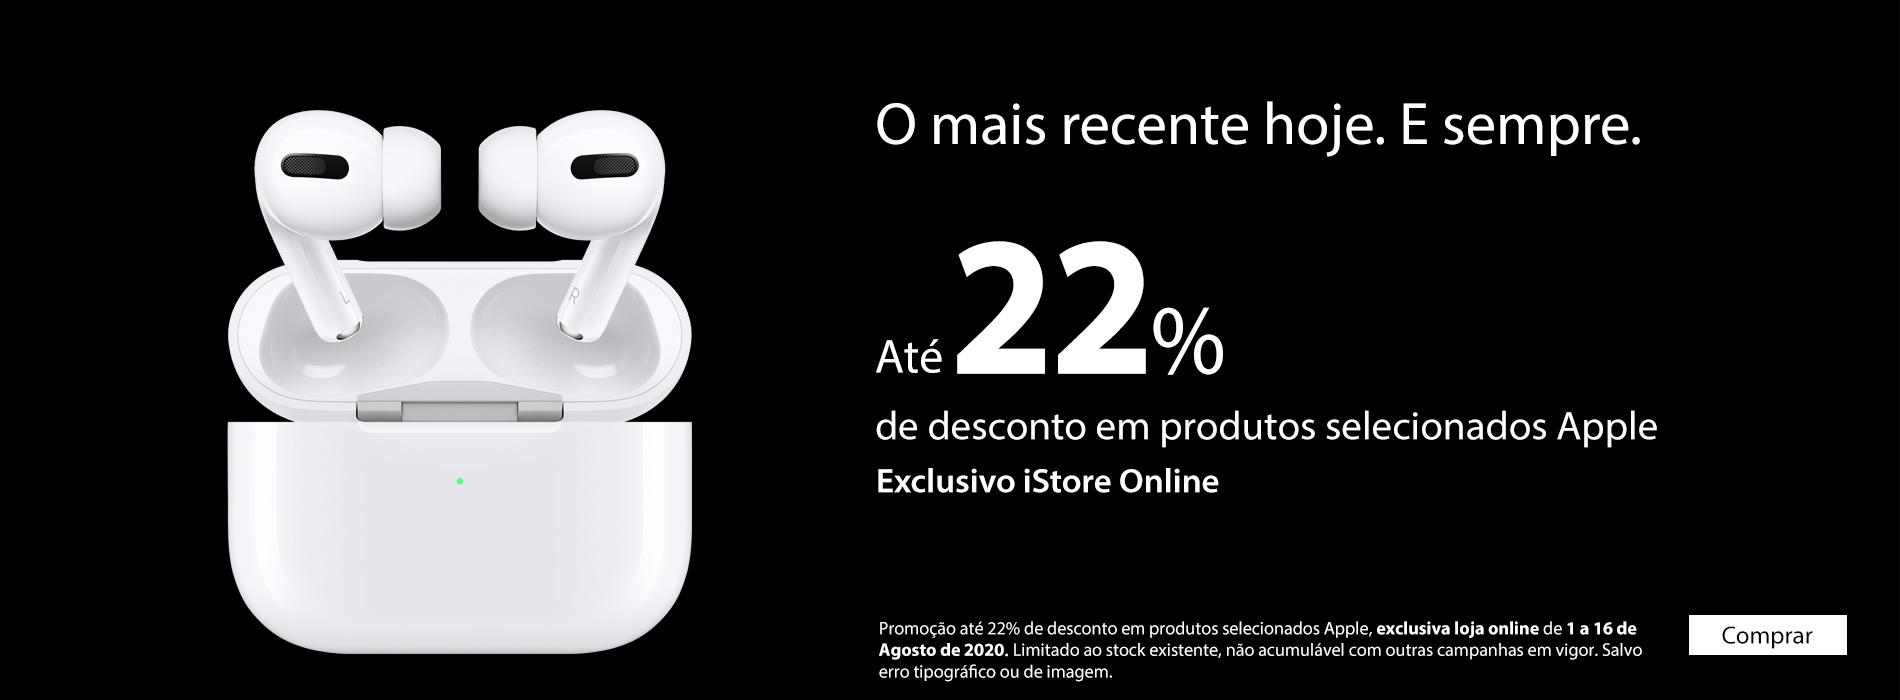 Homepage Slideshow - Descontos Até 22% em Produtos Selecionados Apple